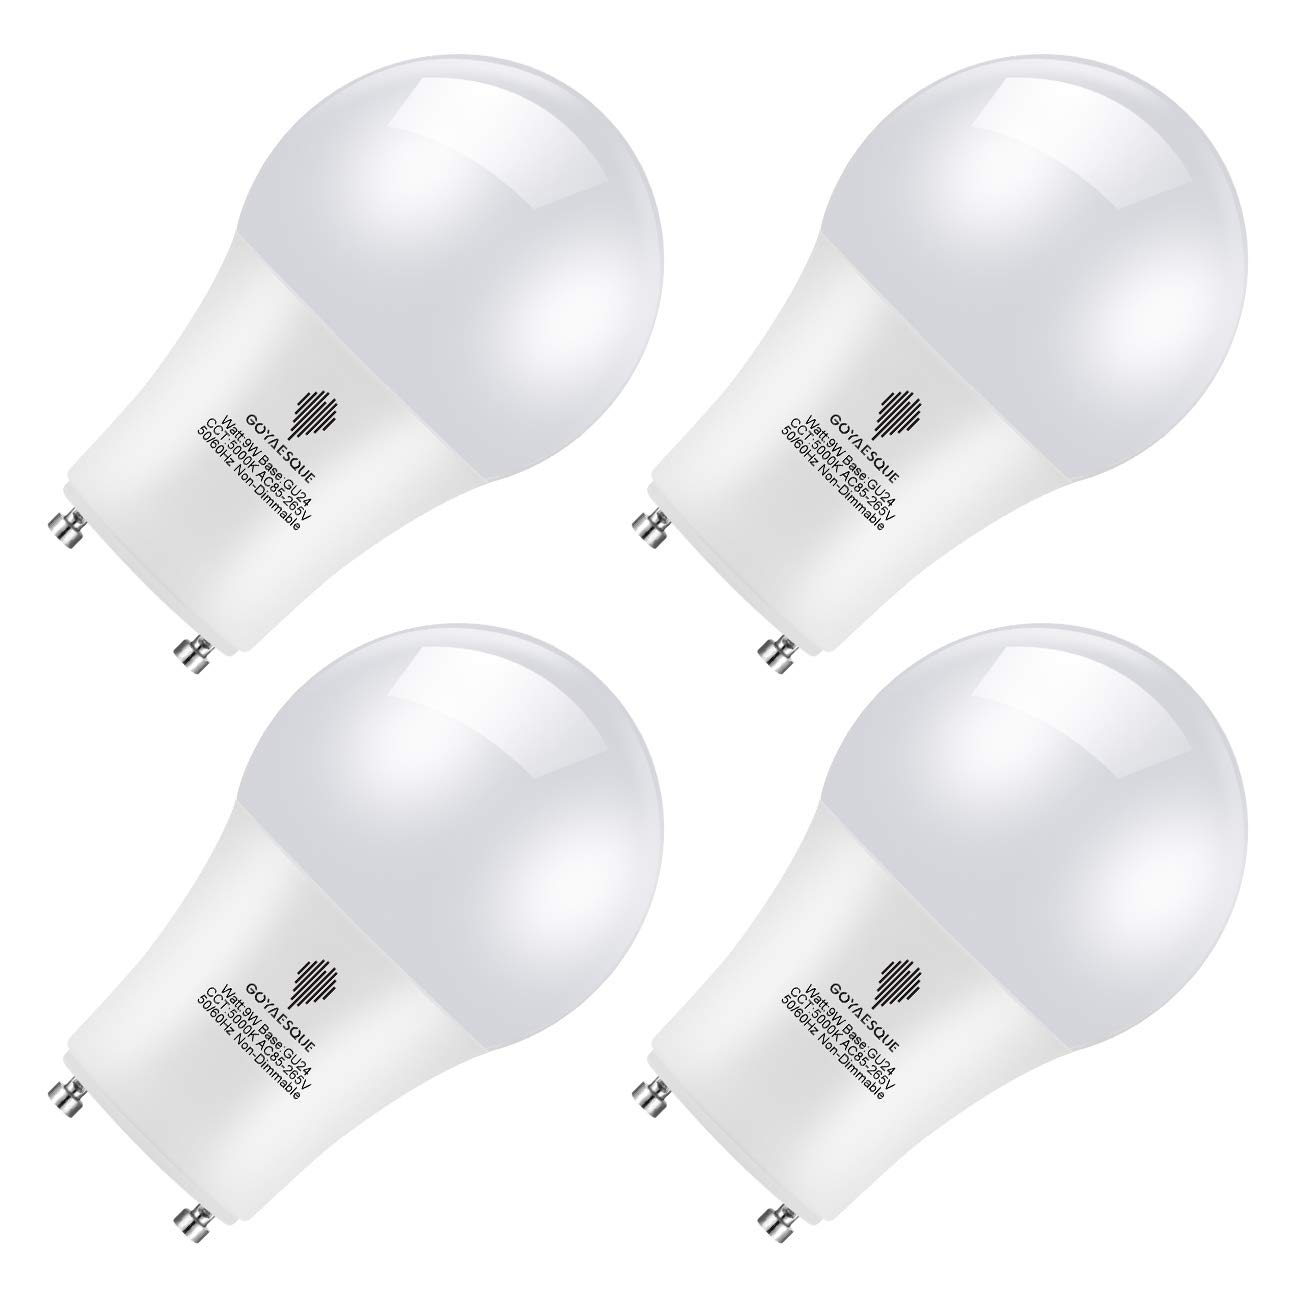 2700k Pack Of 4 Replacing Cfl Ceiling Light 2700k Light Bulb Ceiling Fan Cool Light 900